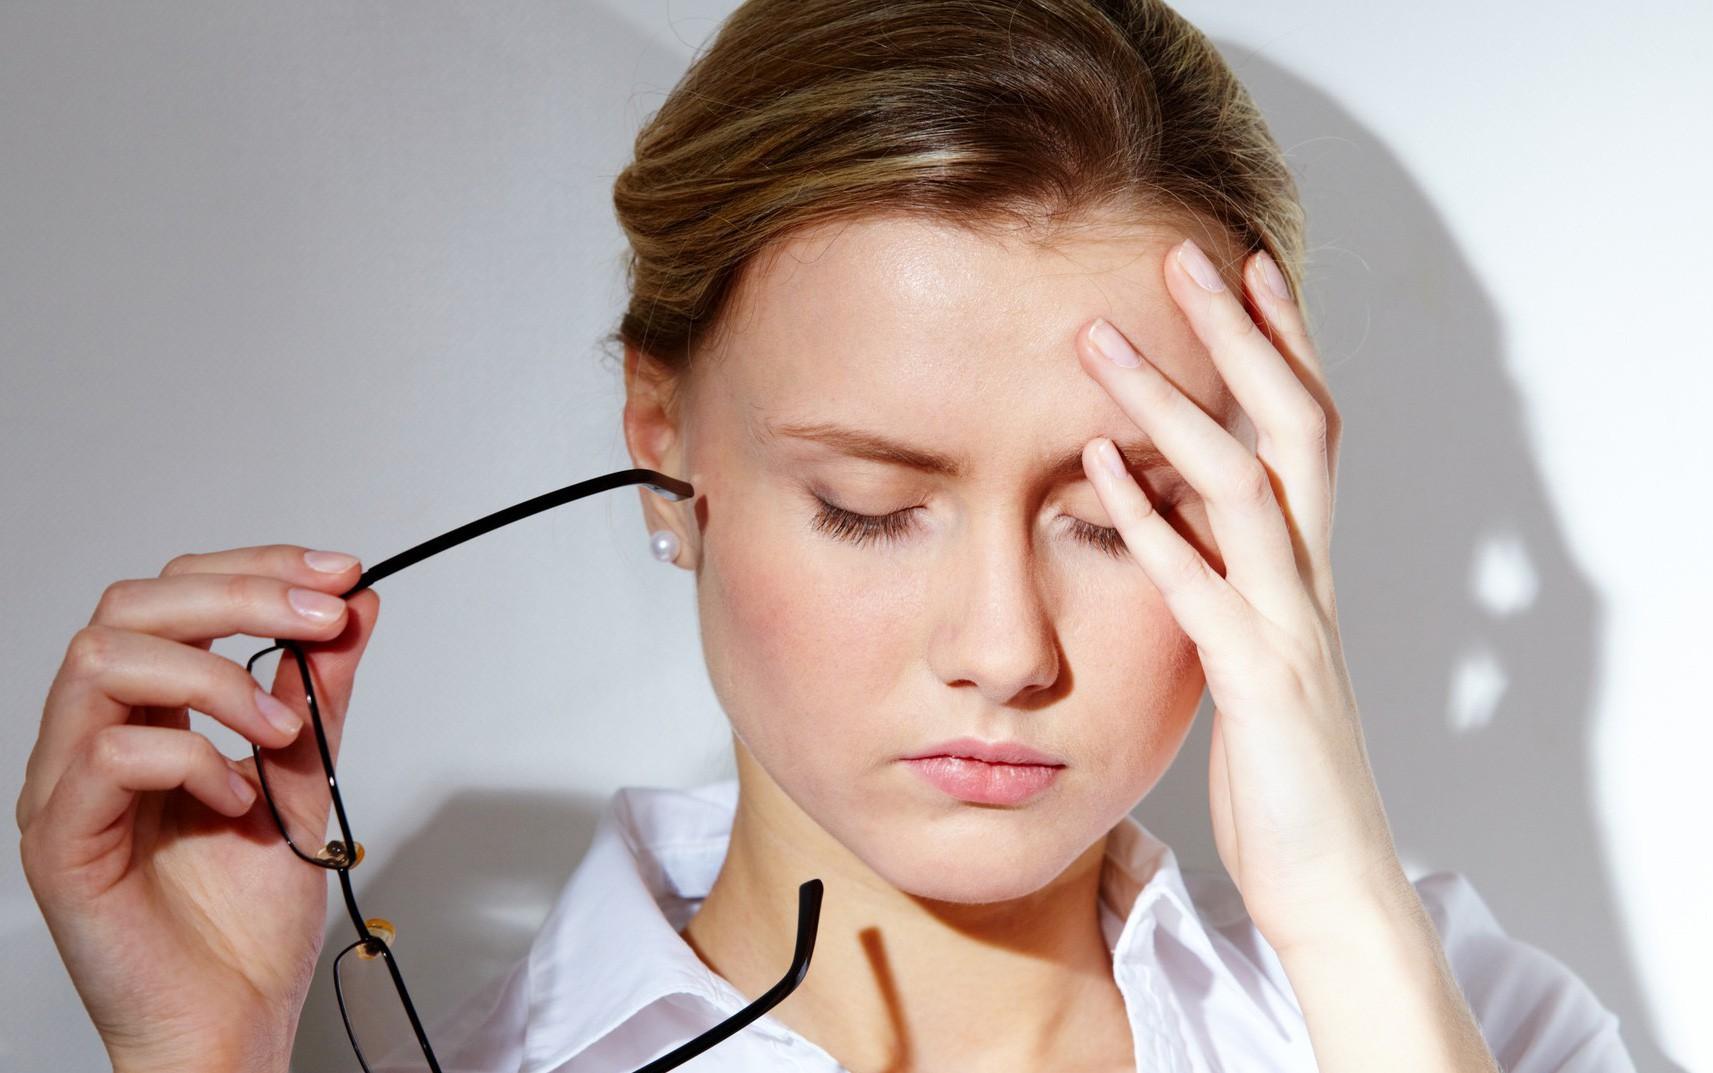 Liệu căng thẳng có phải nguyên nhân gây bệnh tim mạch? - Ảnh 1.